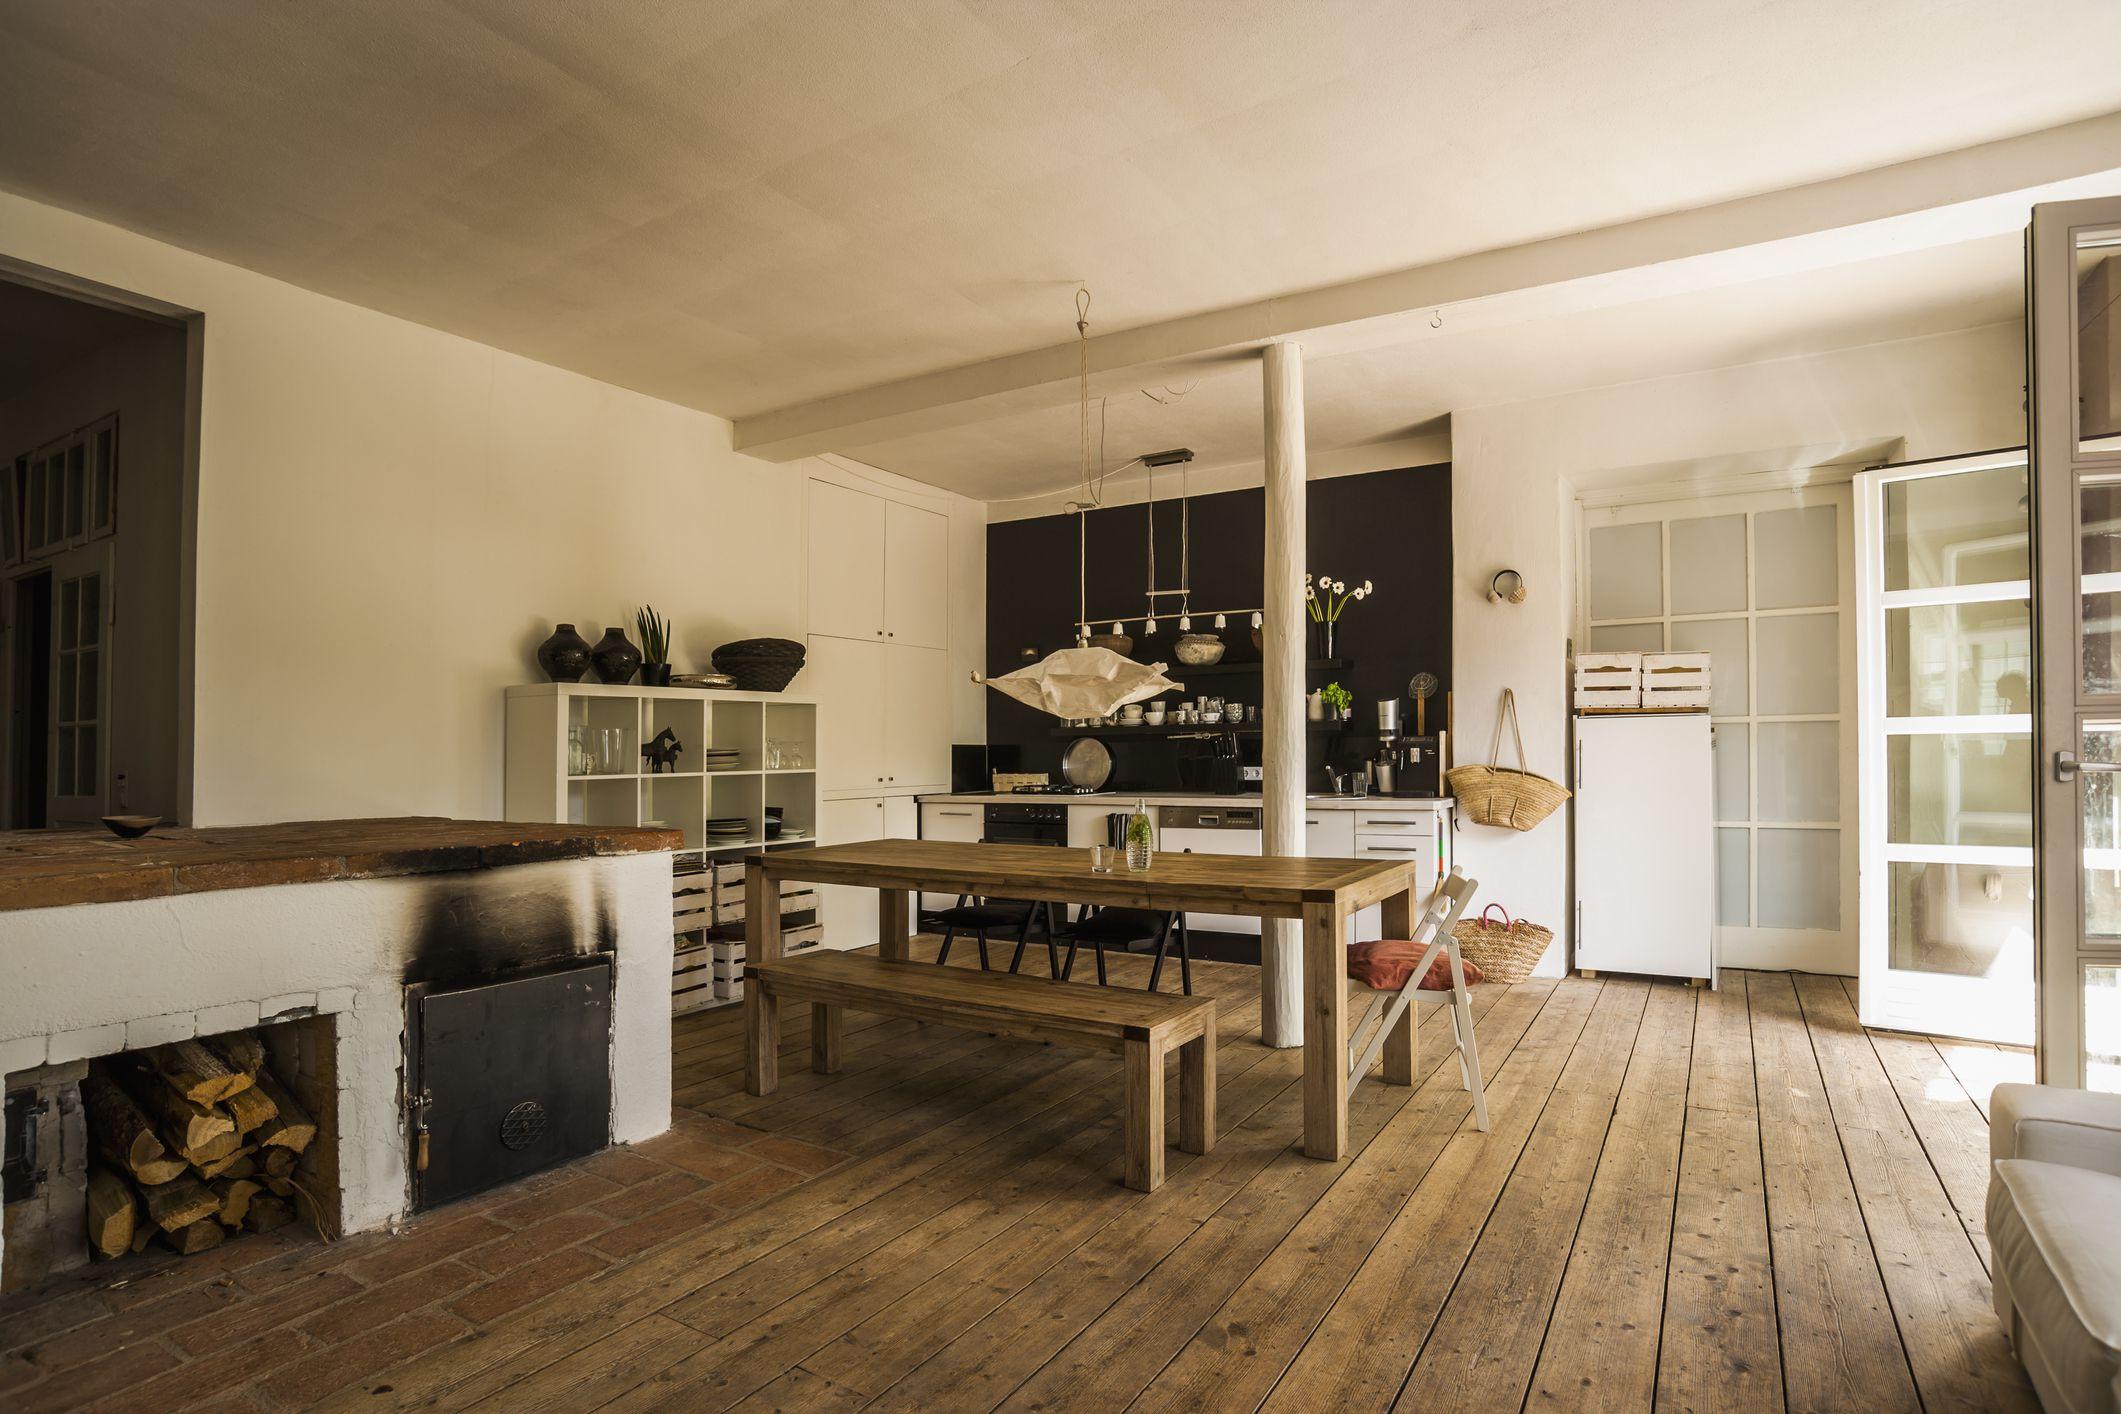 how to repair water damaged hardwood floors of vinyl wood flooring versus natural hardwood throughout diningroom woodenfloor gettyimages 544546775 590e57565f9b58647043440a